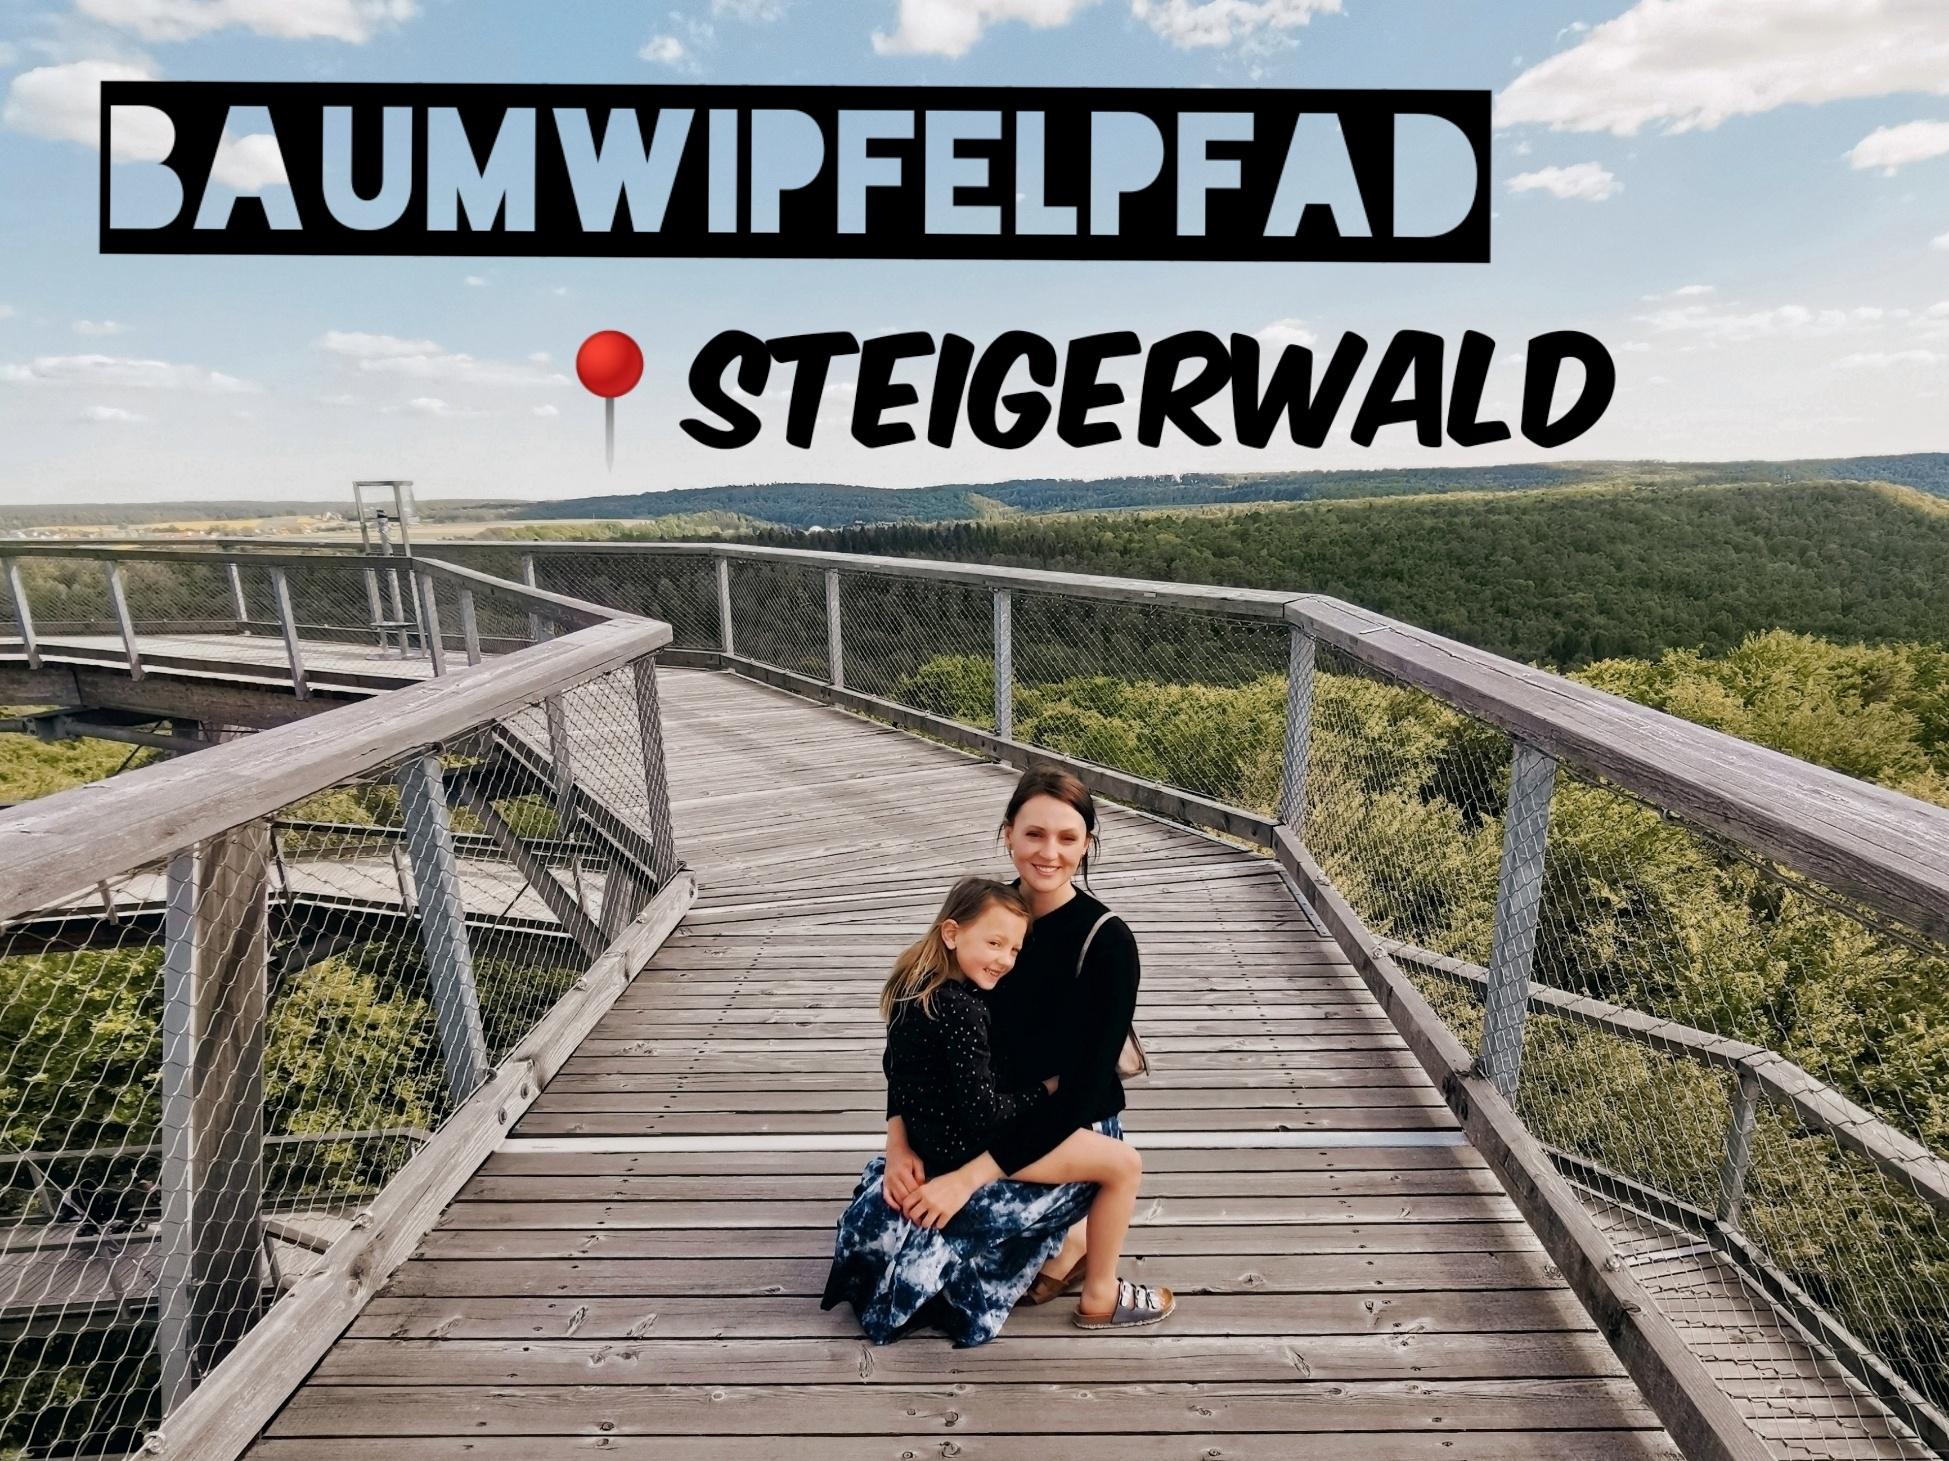 Into the Woods: Baumwipfelpfad Steigerwald - Familienausflug  ins Grüne